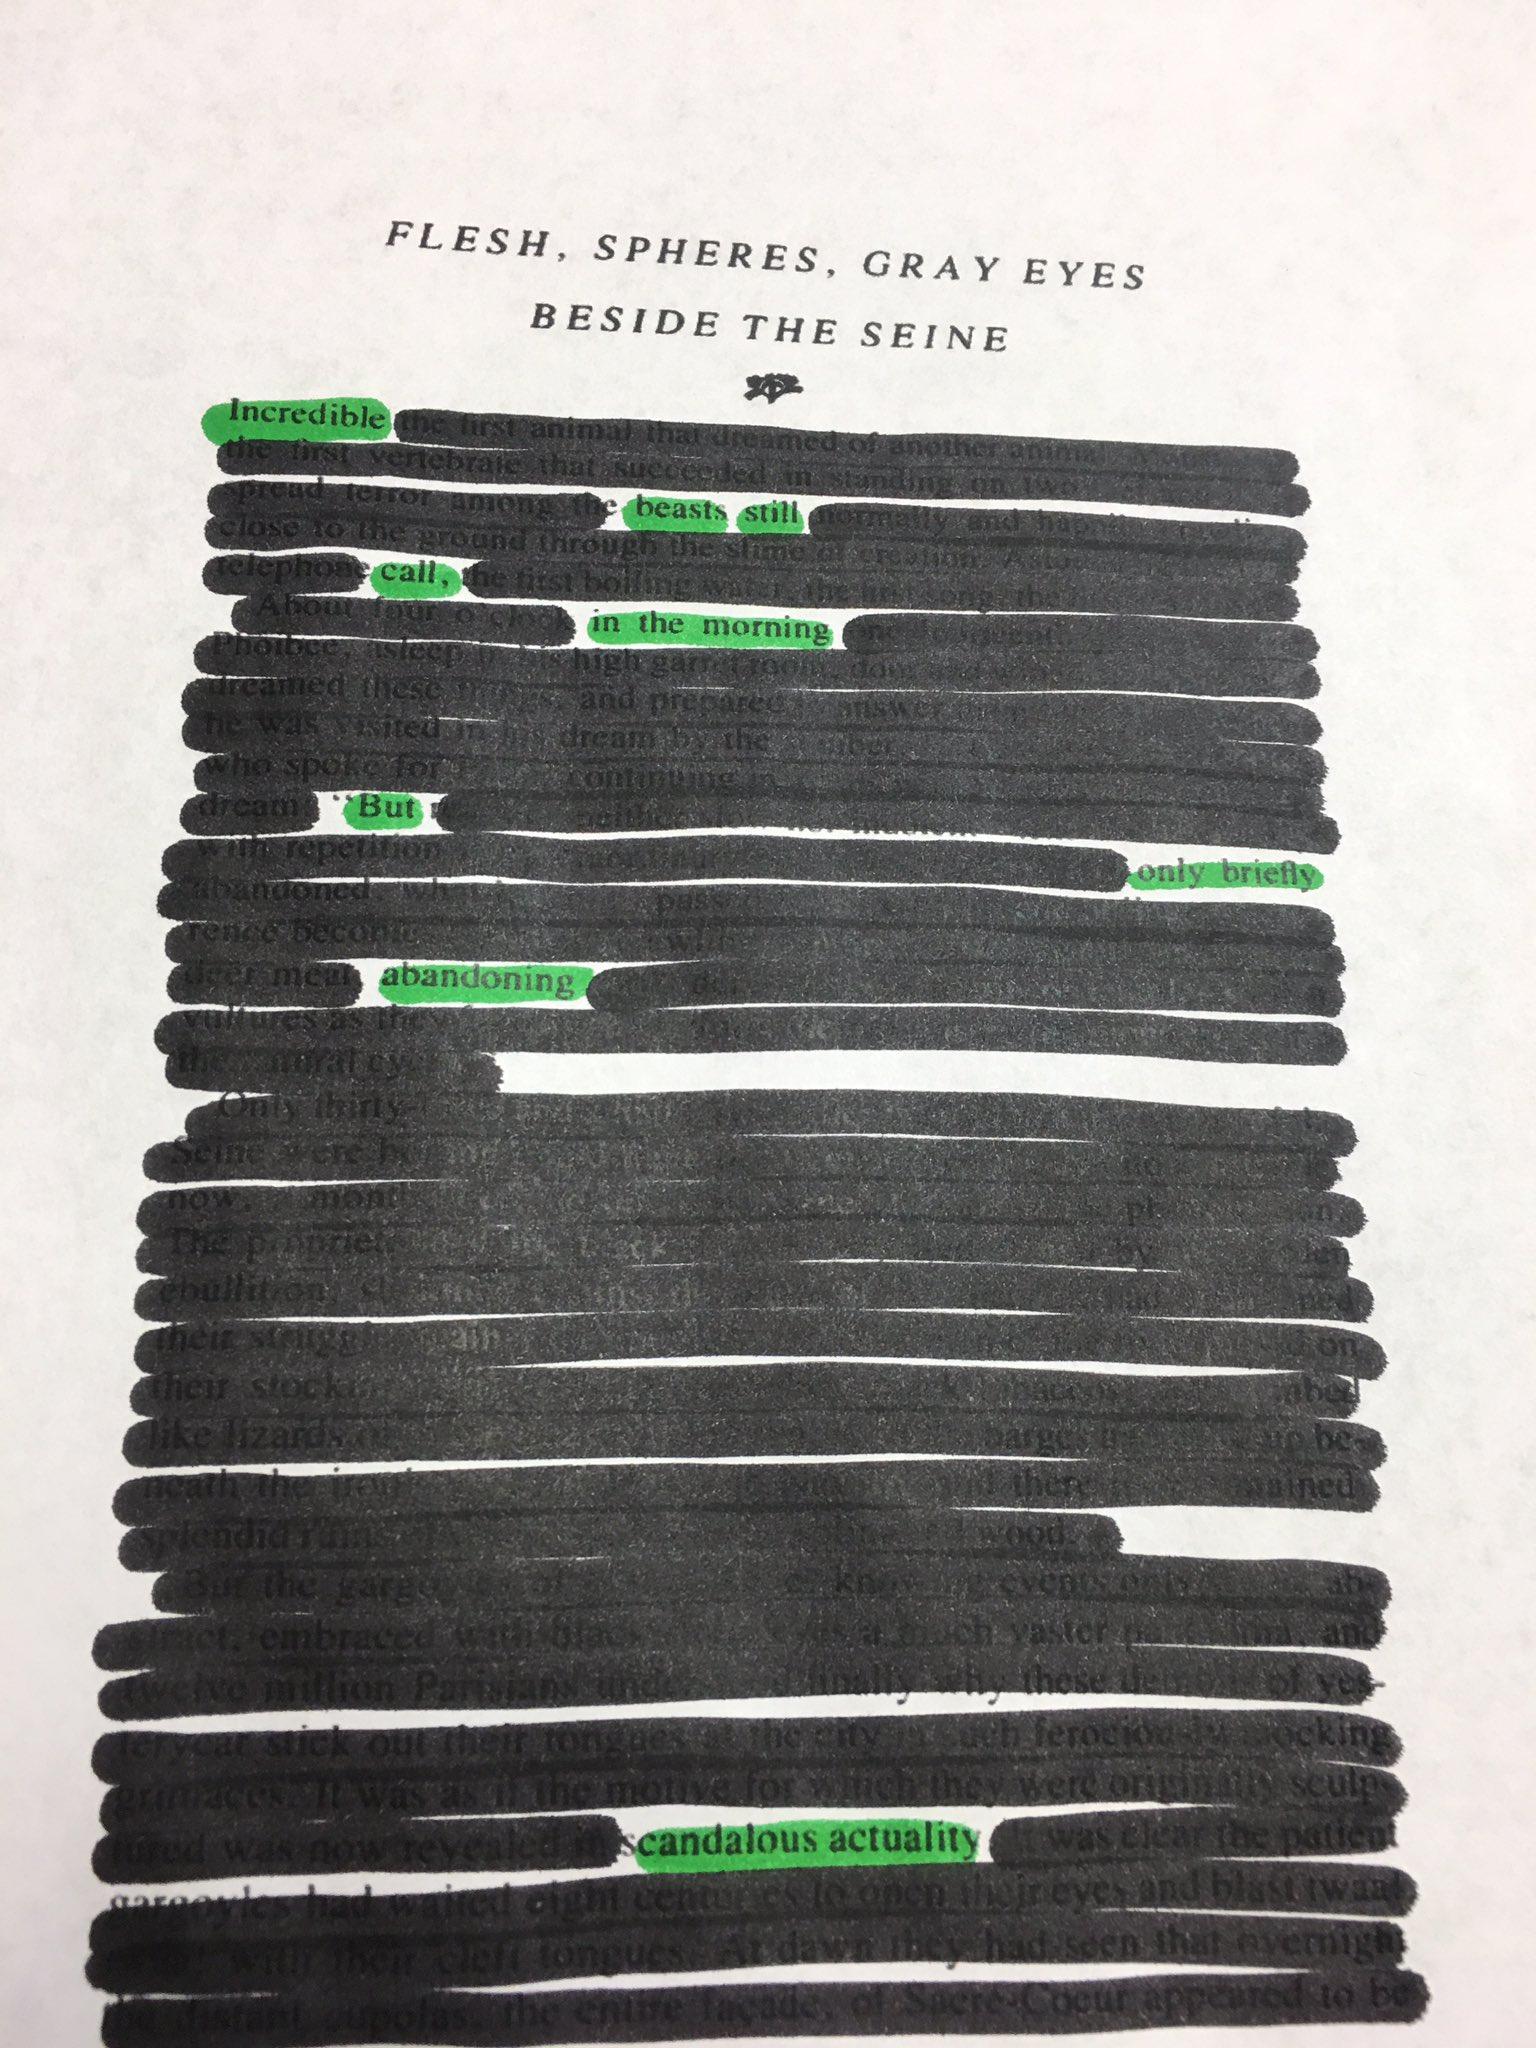 @netnarr #blackoutpoetry #netnarr https://t.co/OvuNaED8rJ